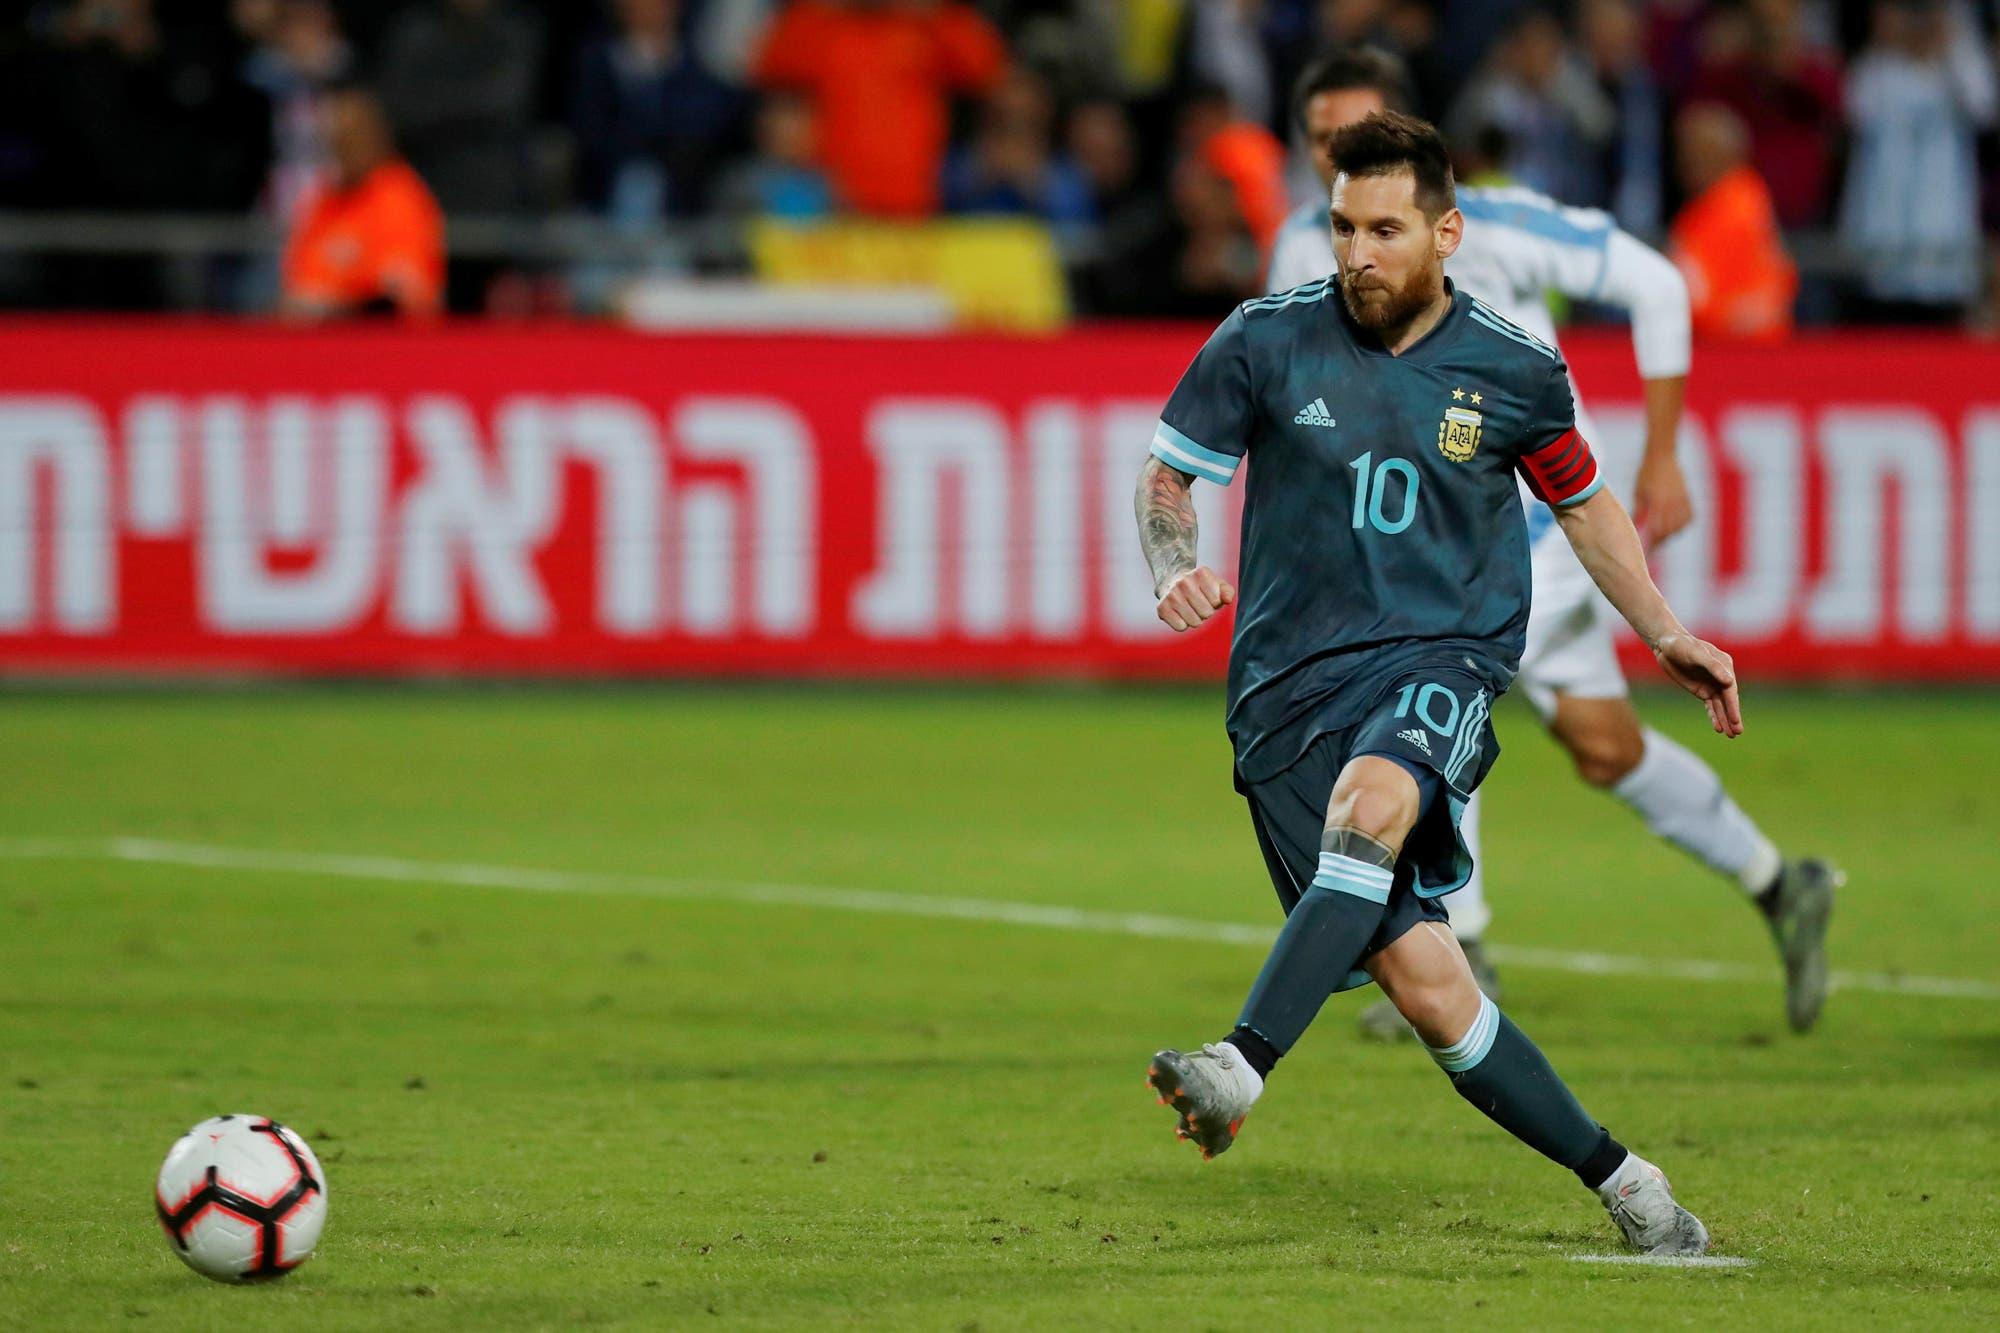 La Argentina demostró que no tira la toalla tan fácil: los goles de Agüero y Messi para un empate agónico